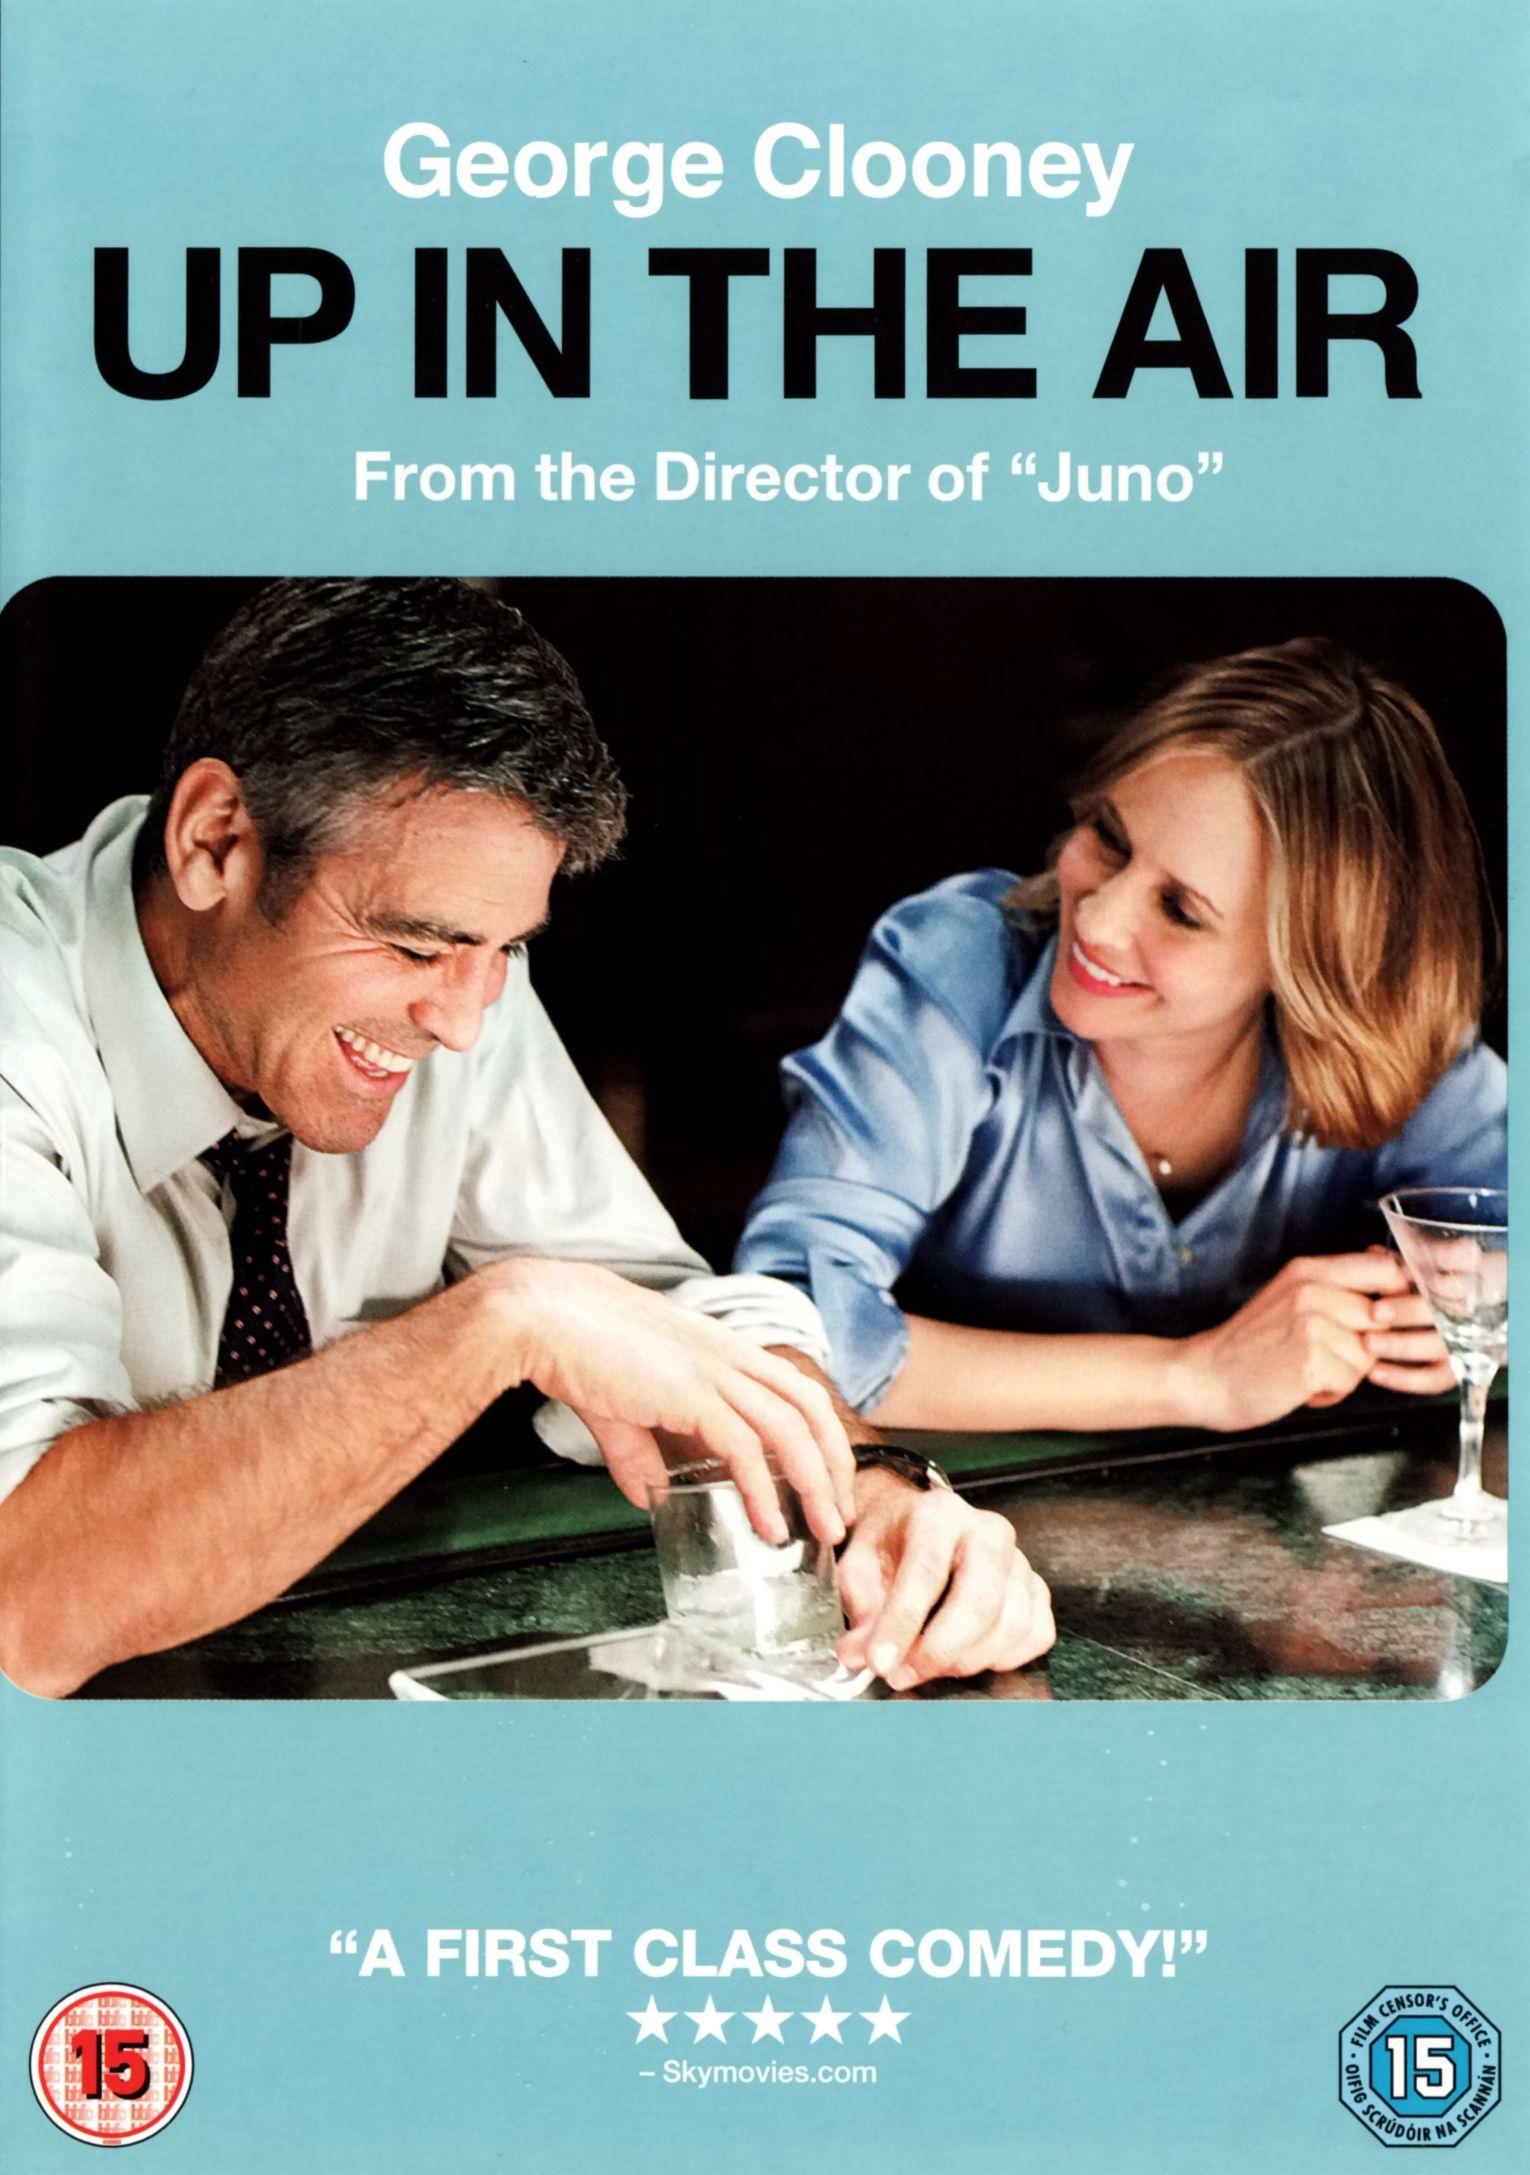 Up In The Air Videograbacion Peliculas Completas George Clooney Peliculas